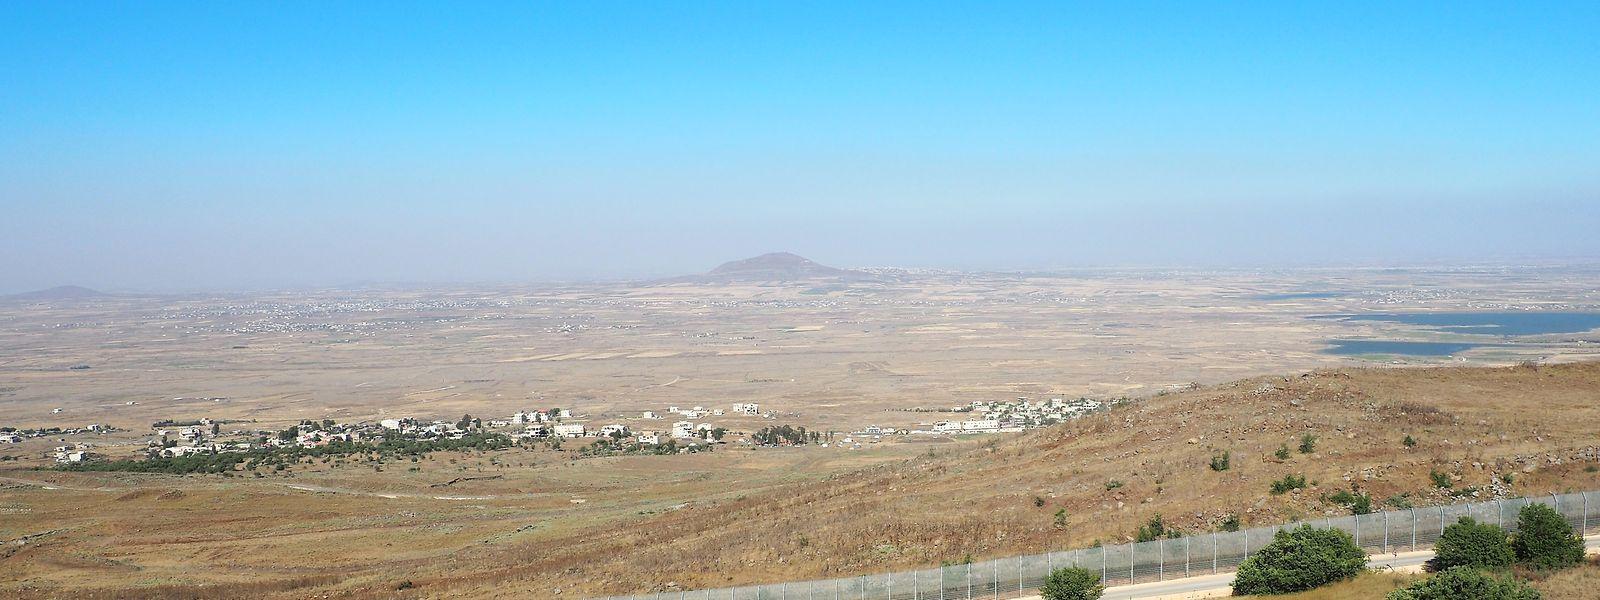 Ein Blick von den Golanhöhen aus dem israelischen Grenzgebiet ins südliche Syrien.